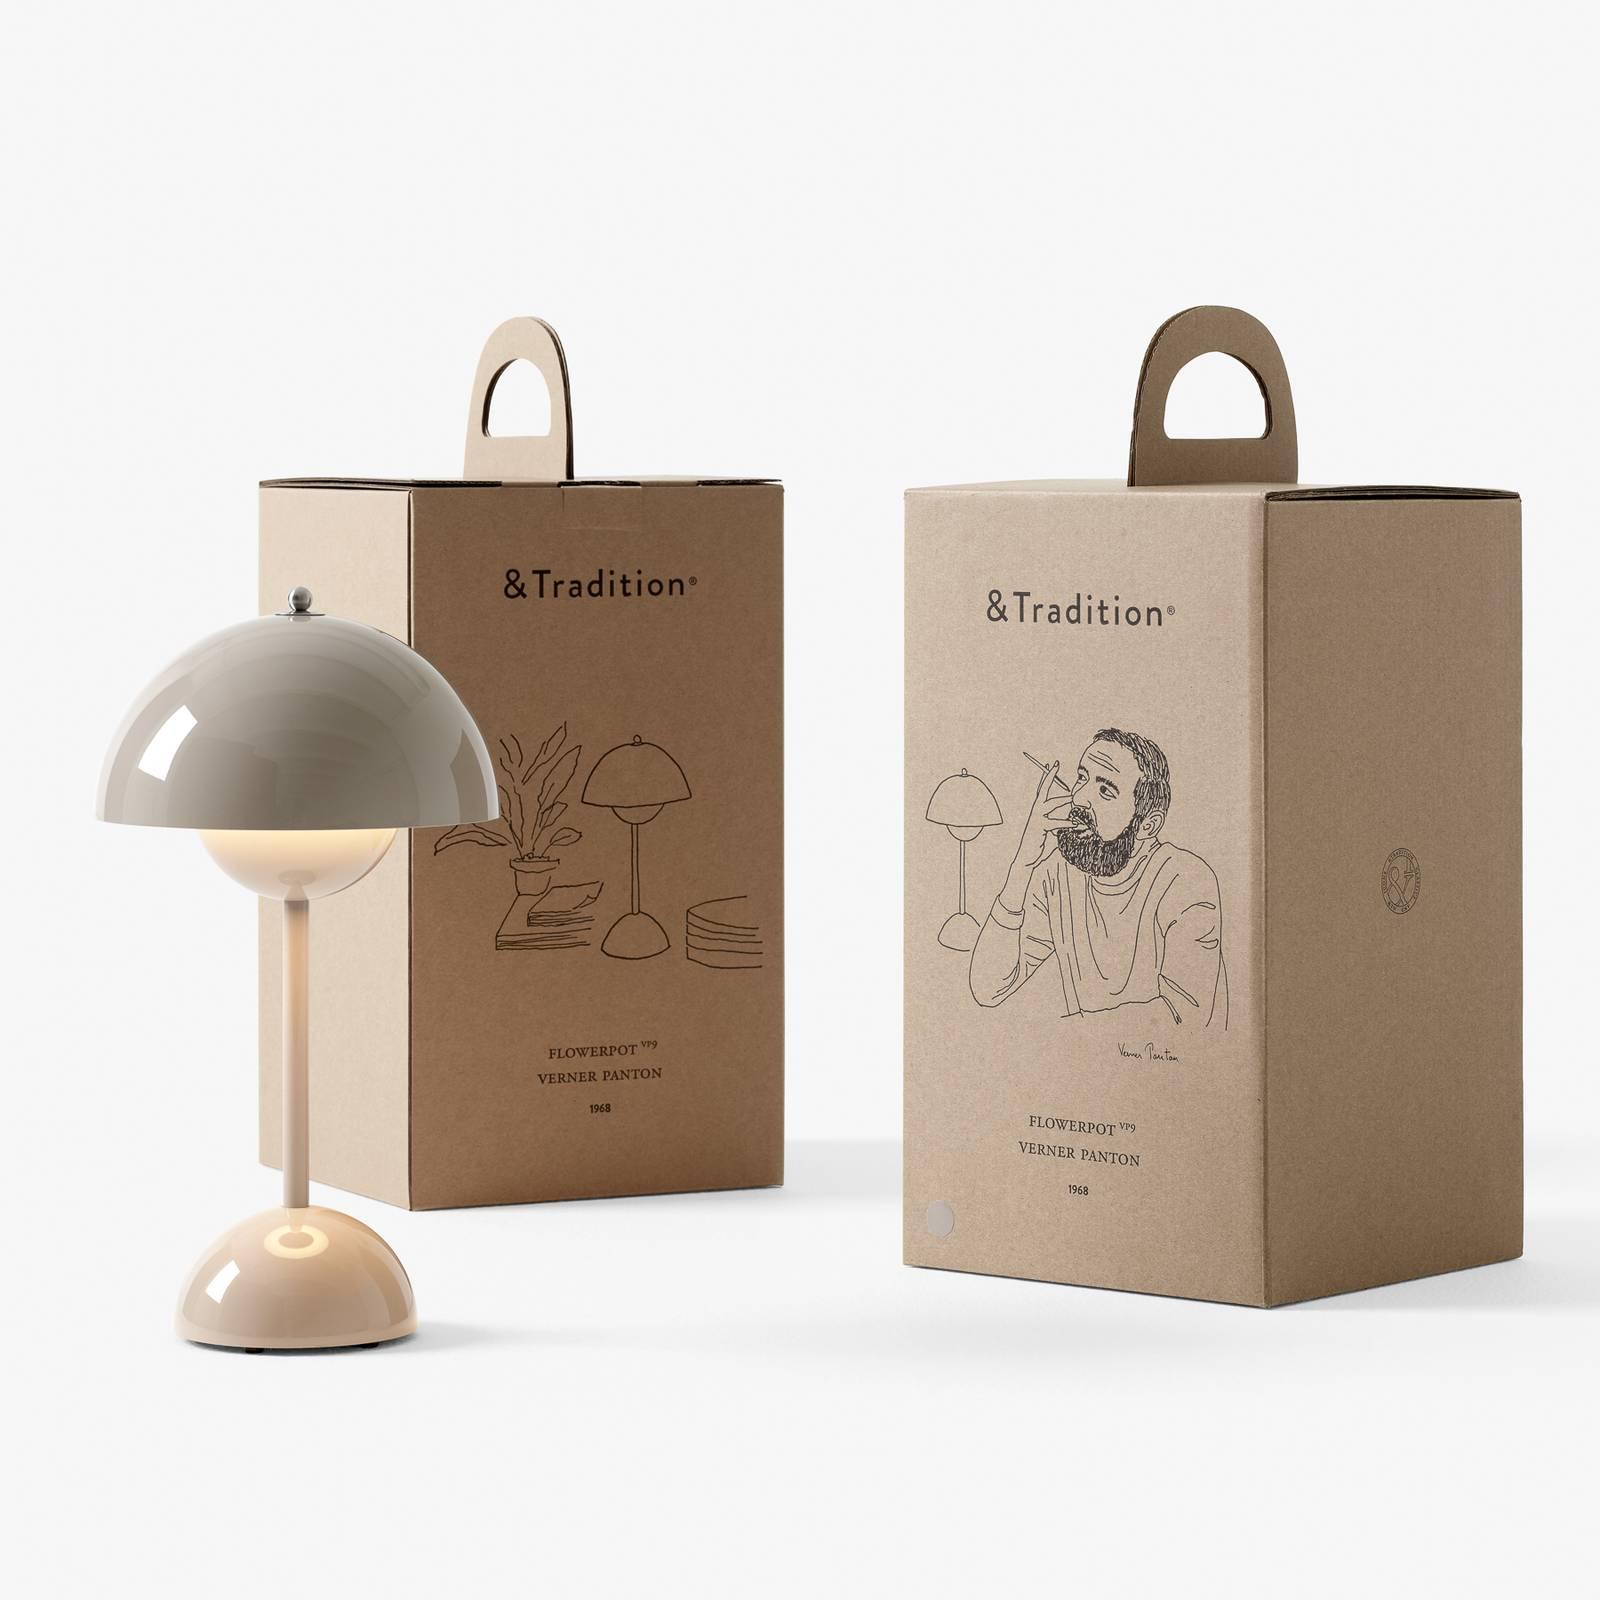 &Tradition Flowerpot VP9 -pöytälamppu harmaa-beige